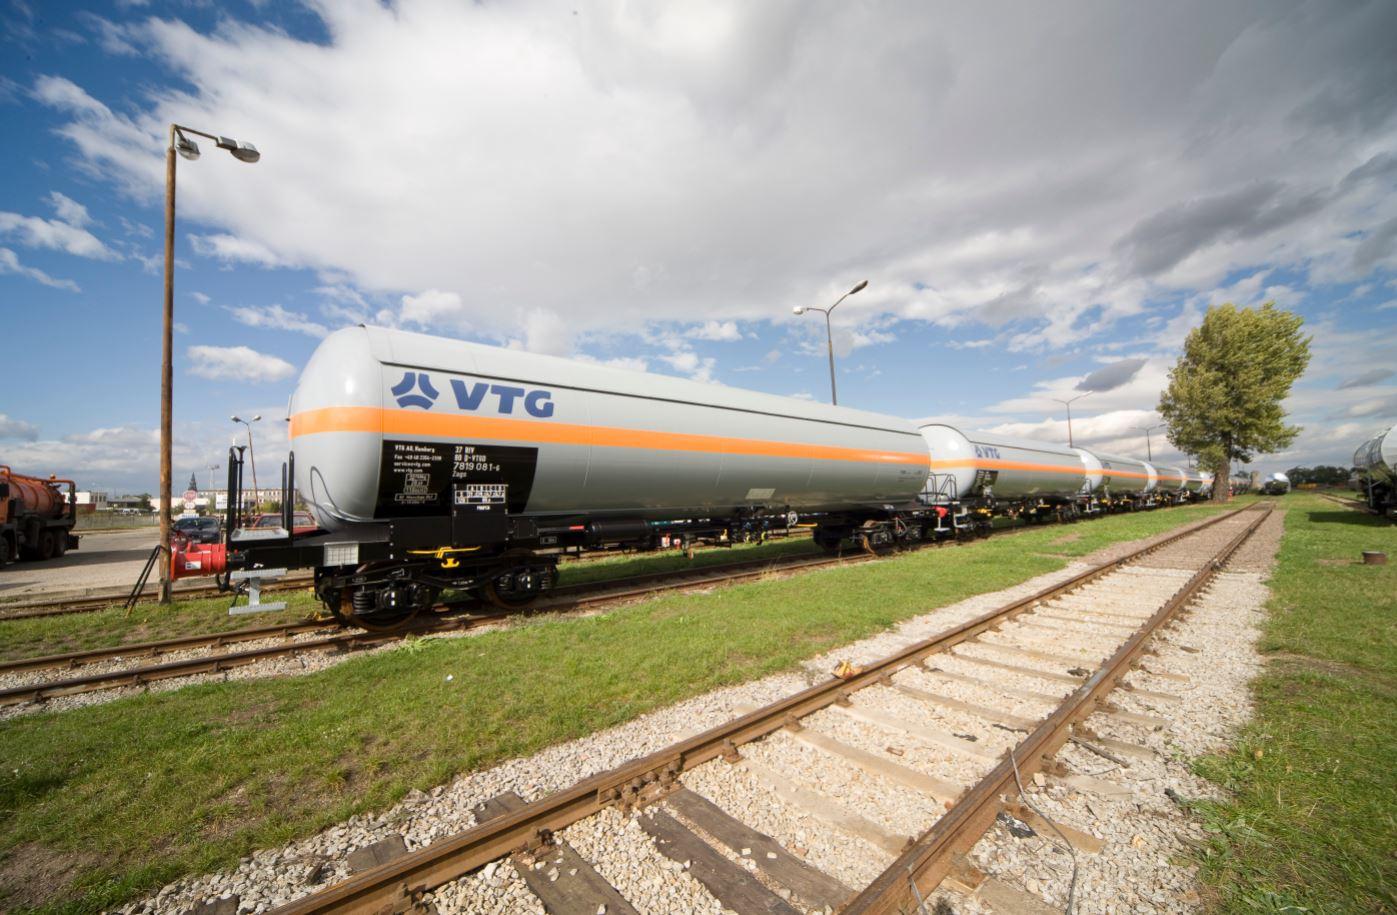 Uniper's Liqvis, VTG in LNG rail move